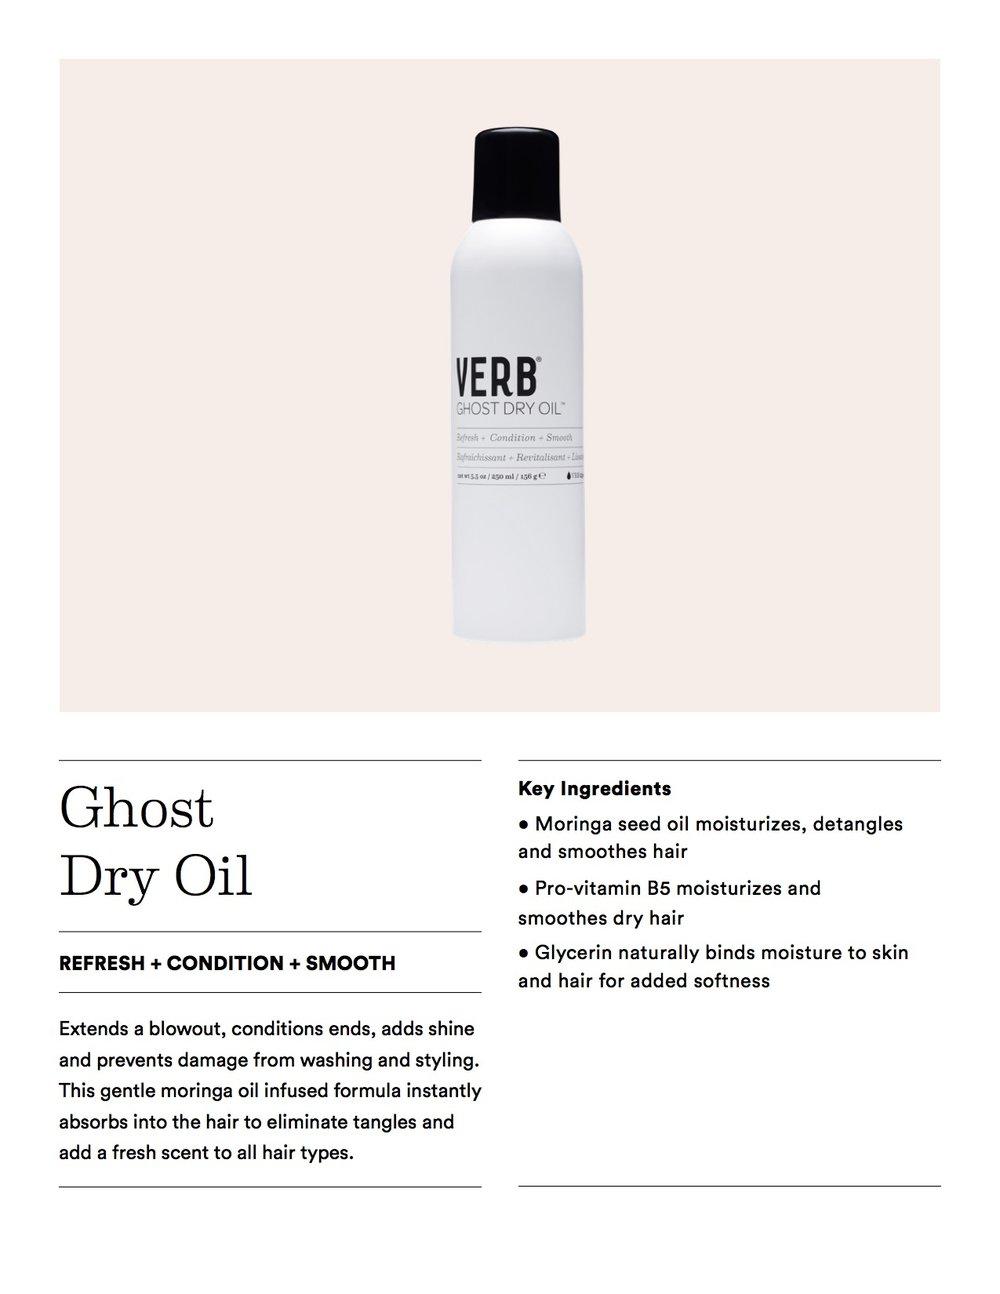 Ghost_Dry_Oil_EduSheet.jpg